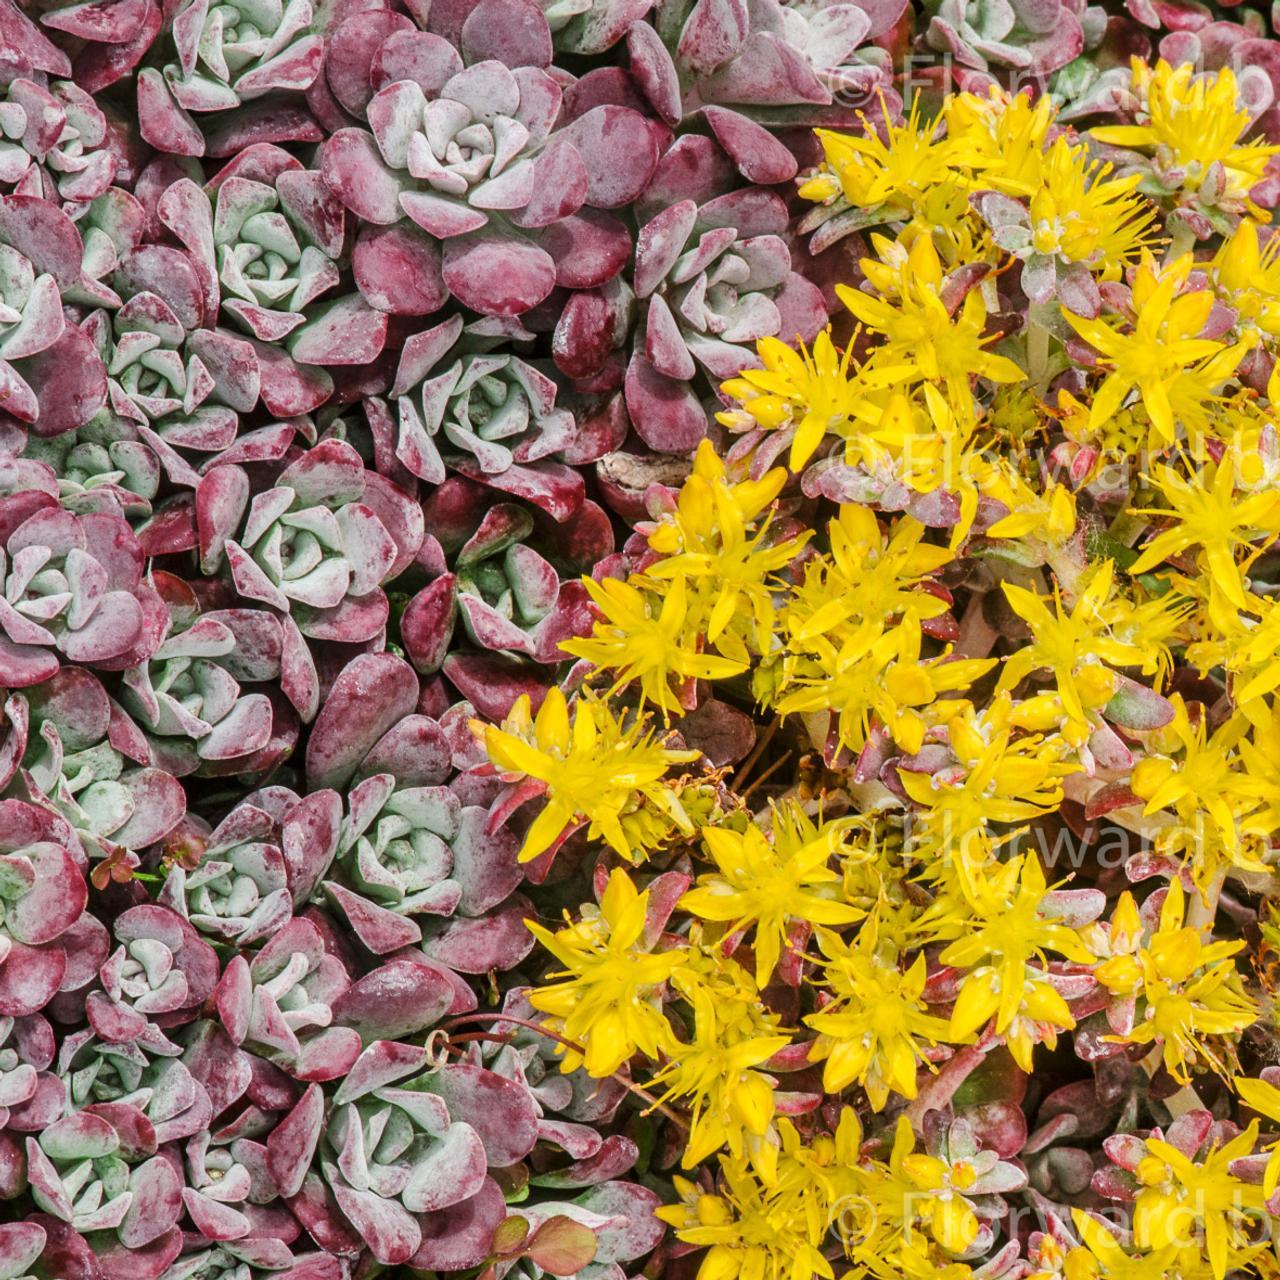 Sedum spathulifolium 'Purpureum' plant